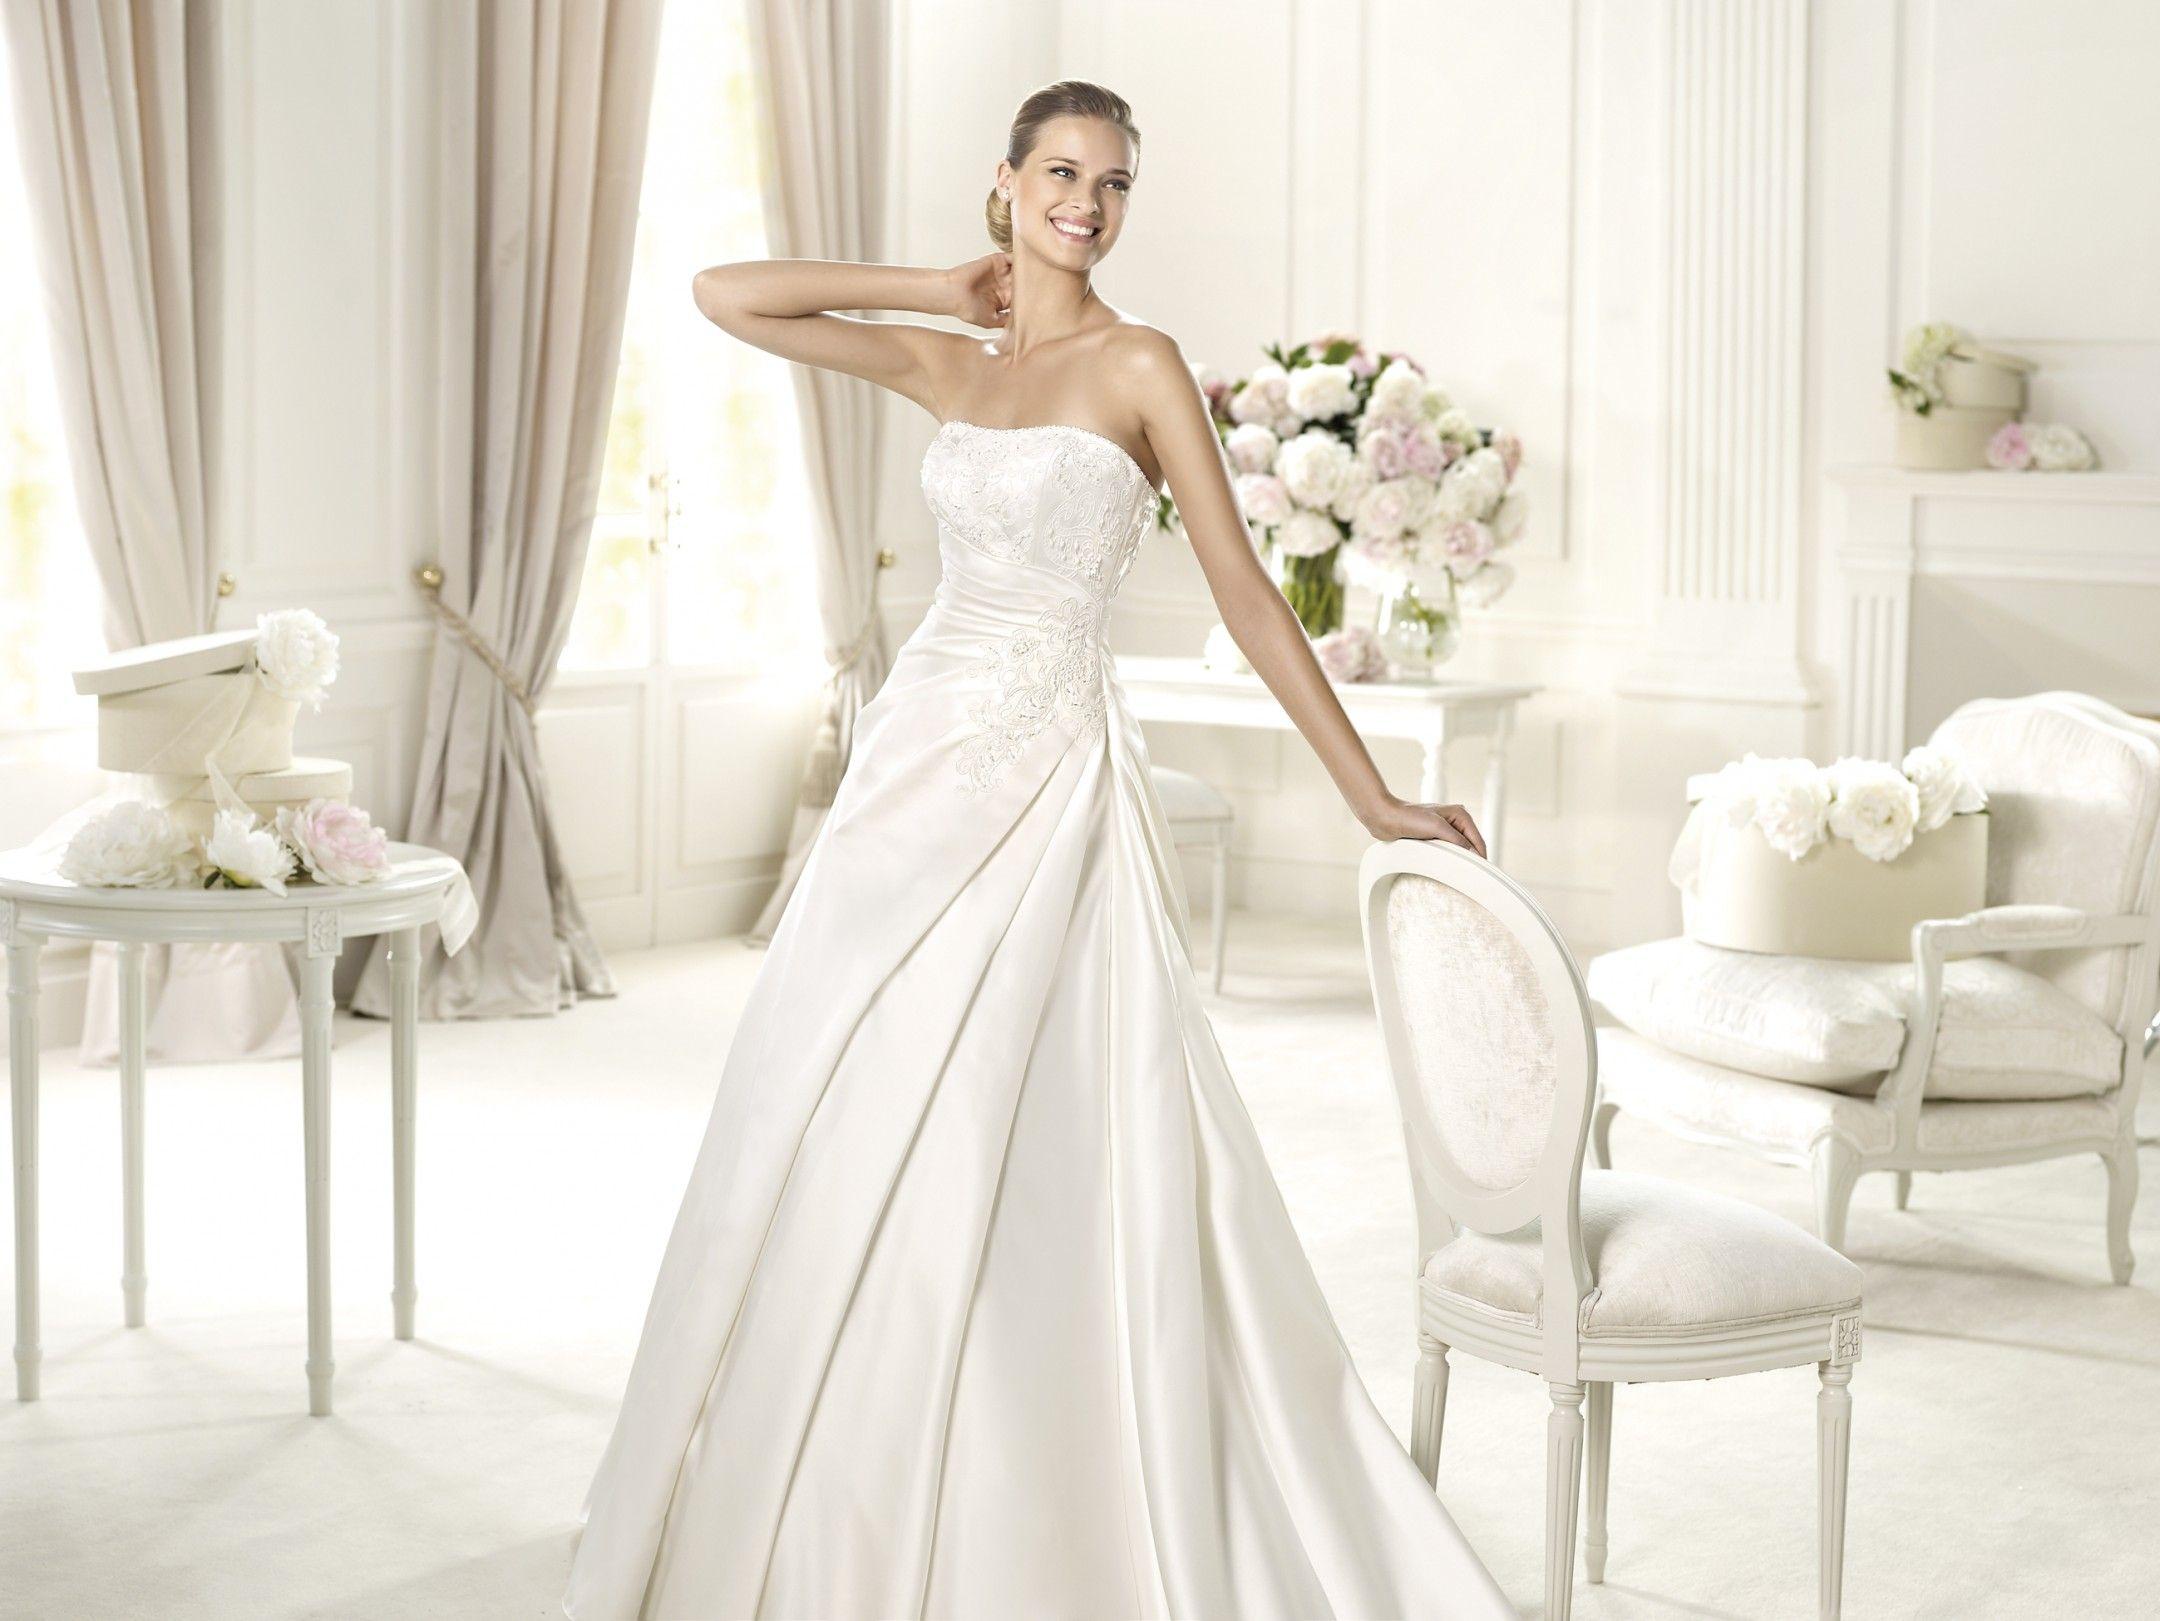 d412b308c0 Uxue - Pronovias - Esküvői ruhák - Ananász Szalon - esküvői, menyasszonyi  és alkalmi ruhaszalon